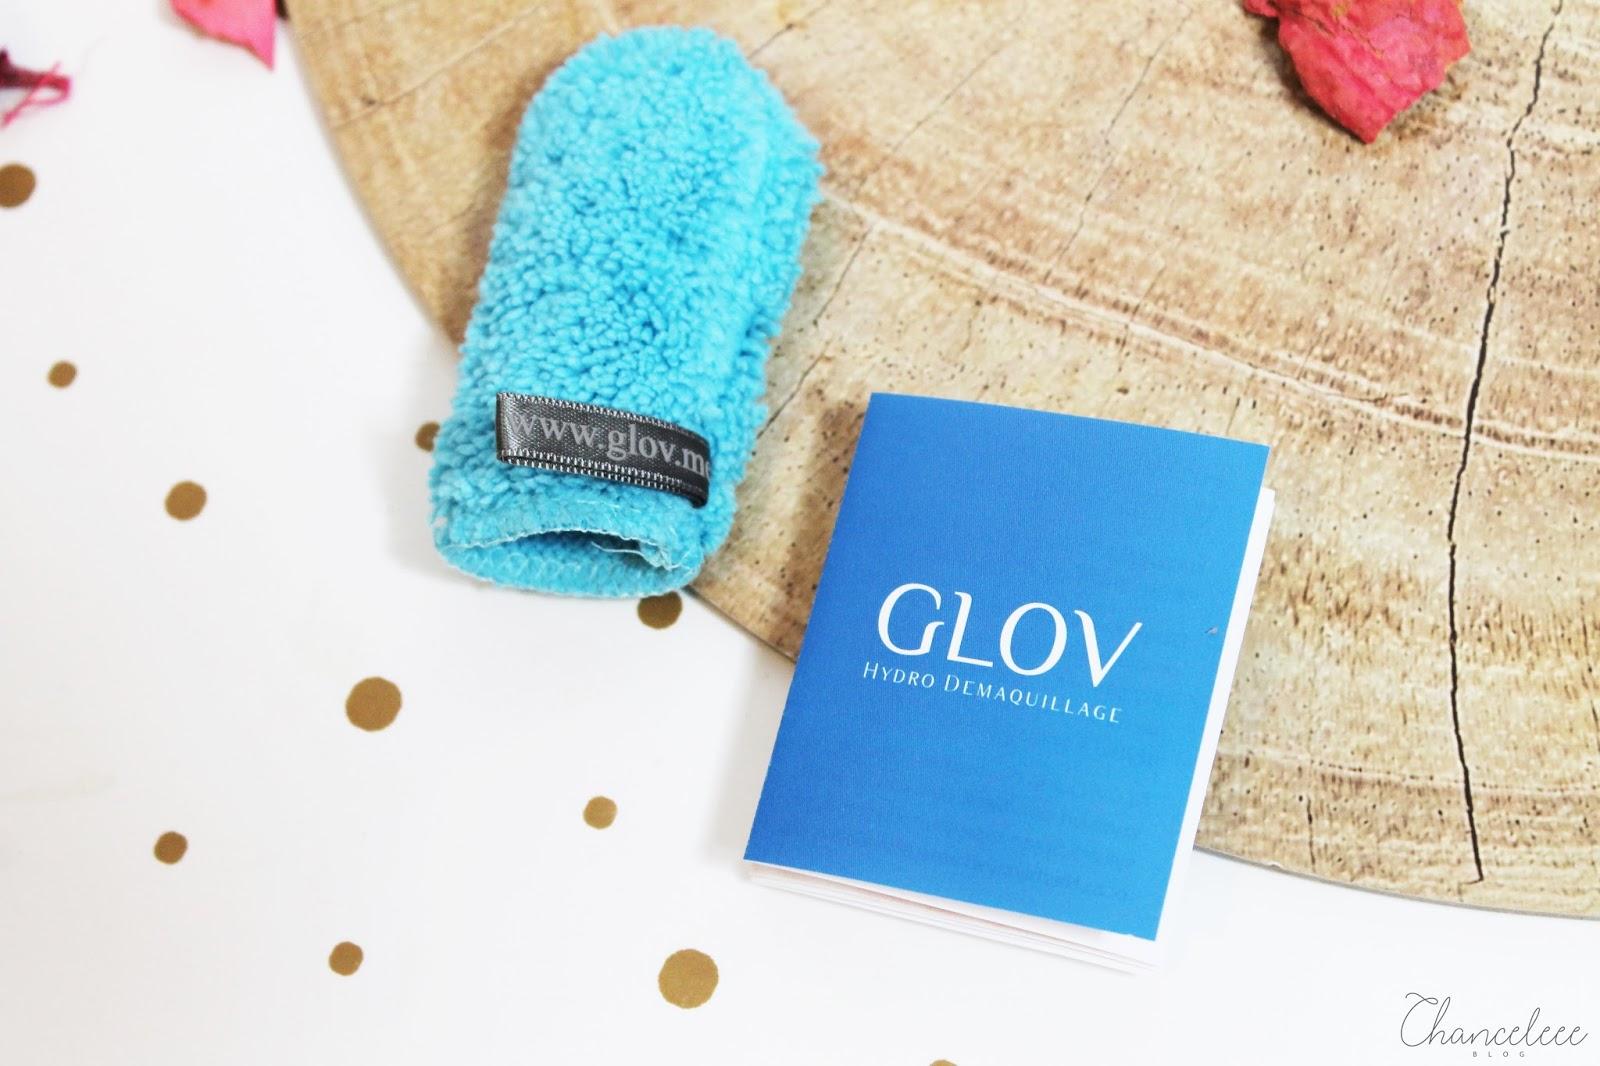 GLOV Quick Treat - sposób na łatwy i szybki demakijaż za pomocą samej wody?